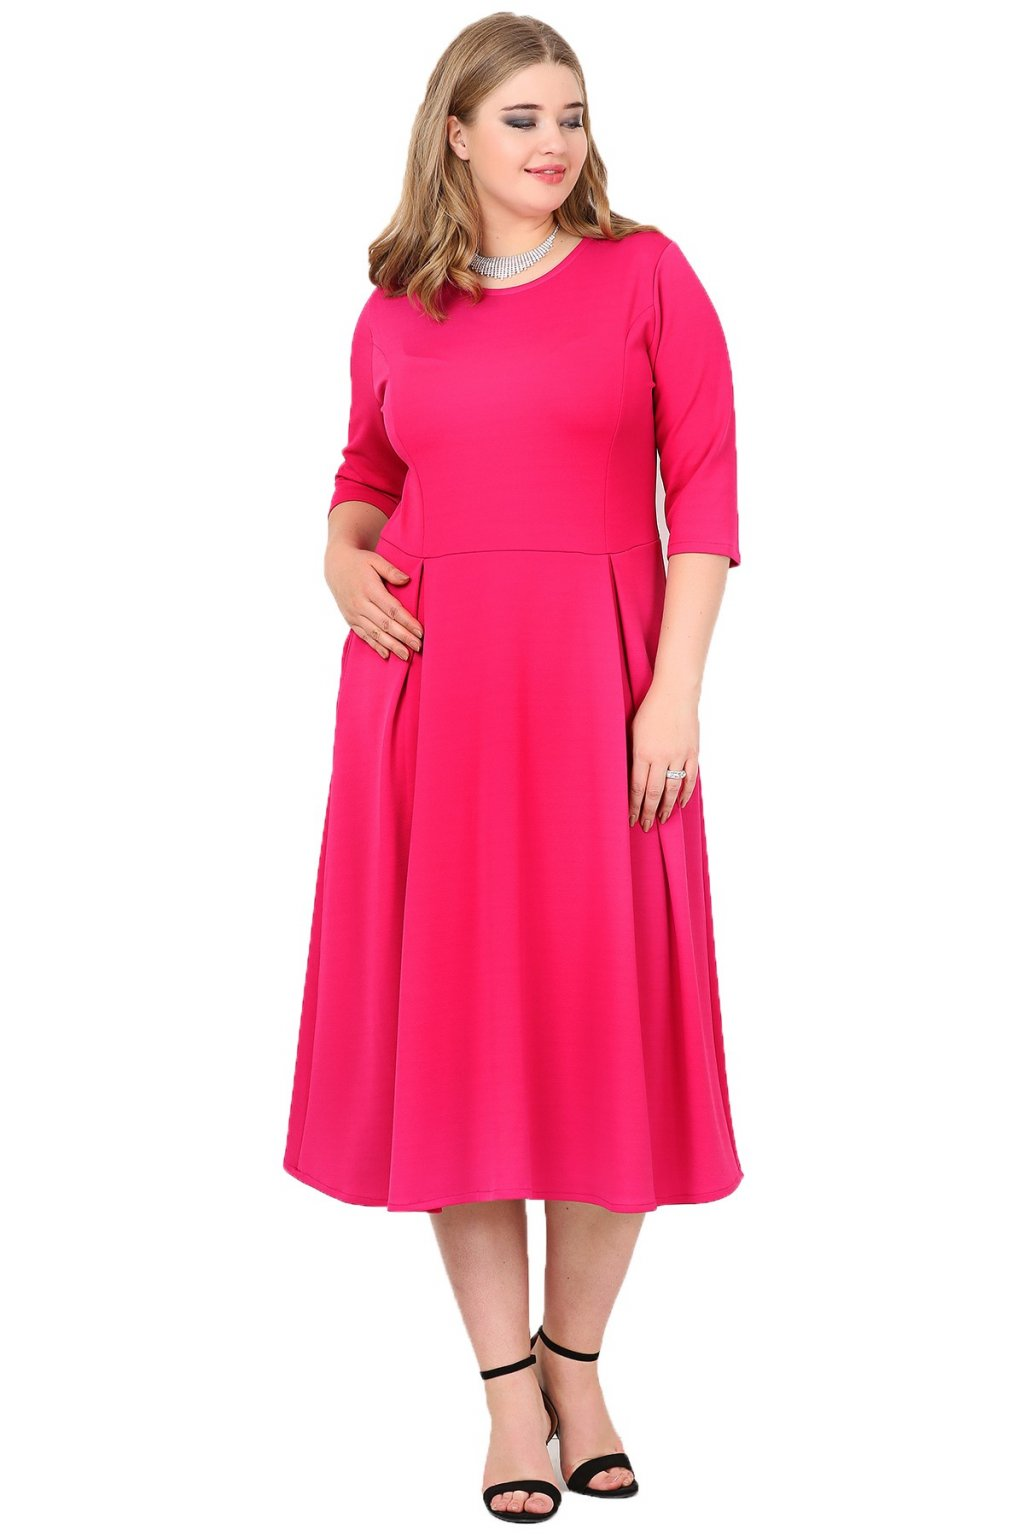 Dámské šaty Paola růžové 1